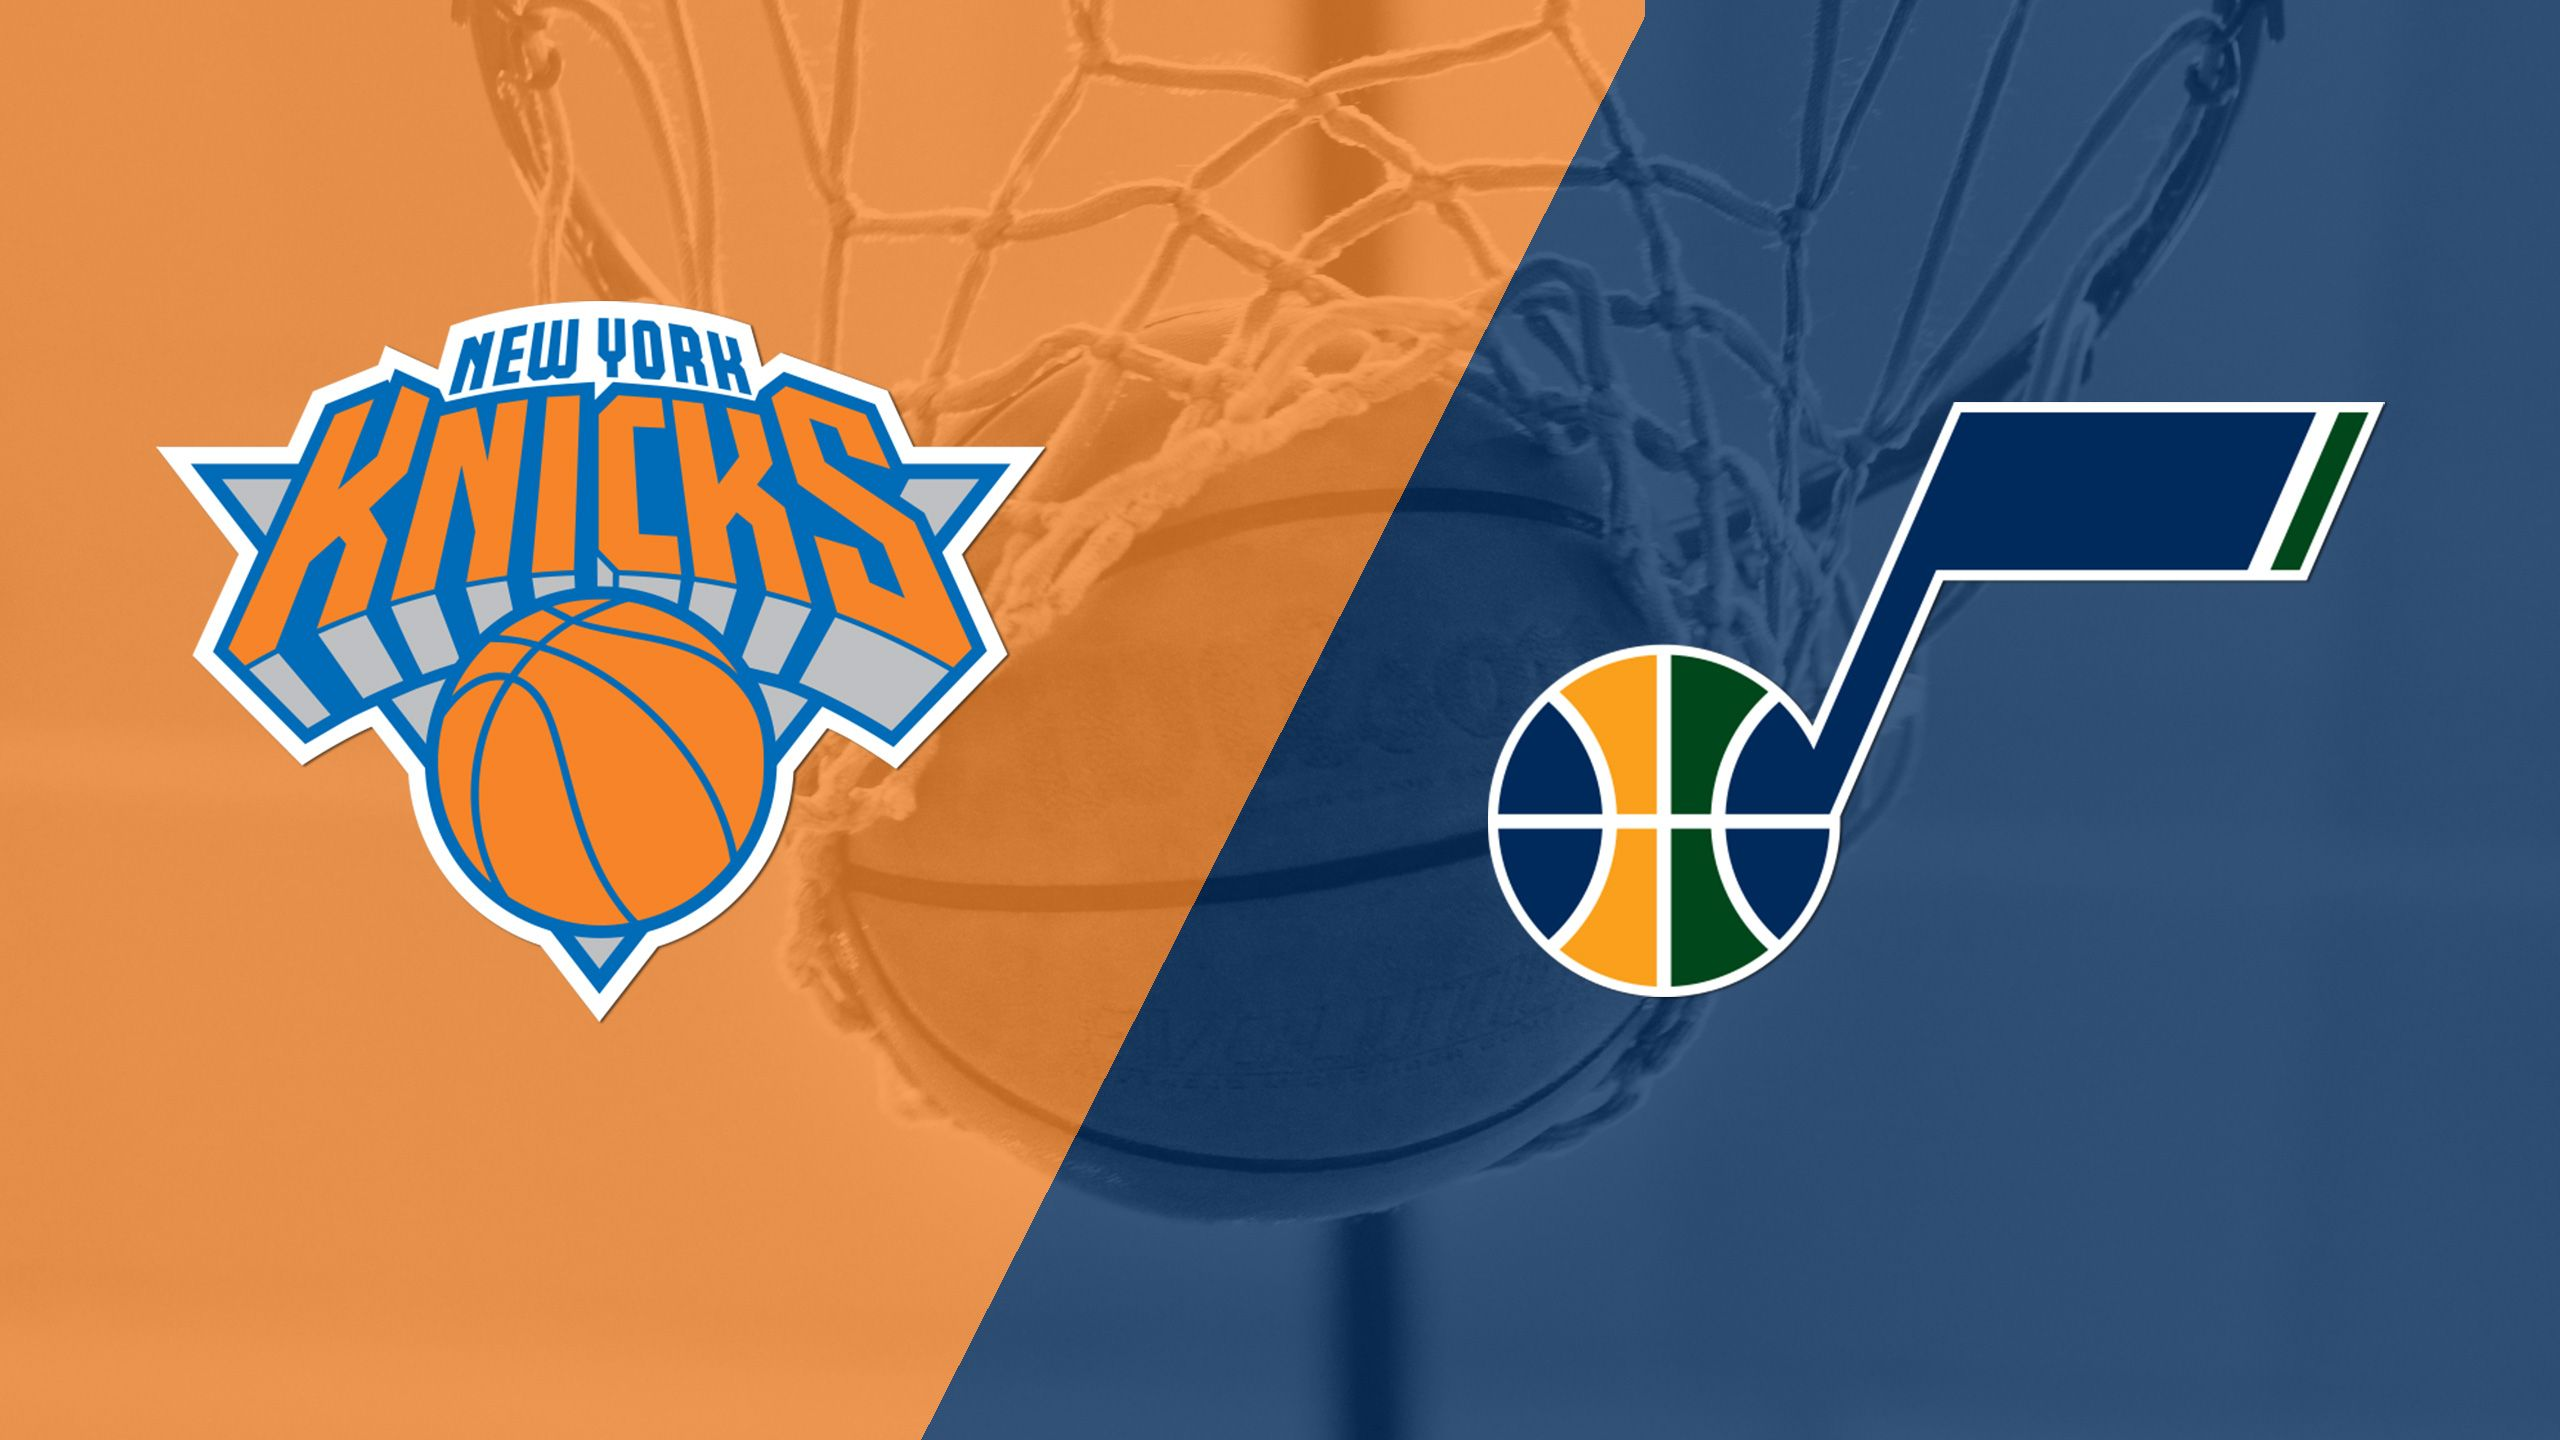 In Spanish - New York Knicks vs. Utah Jazz